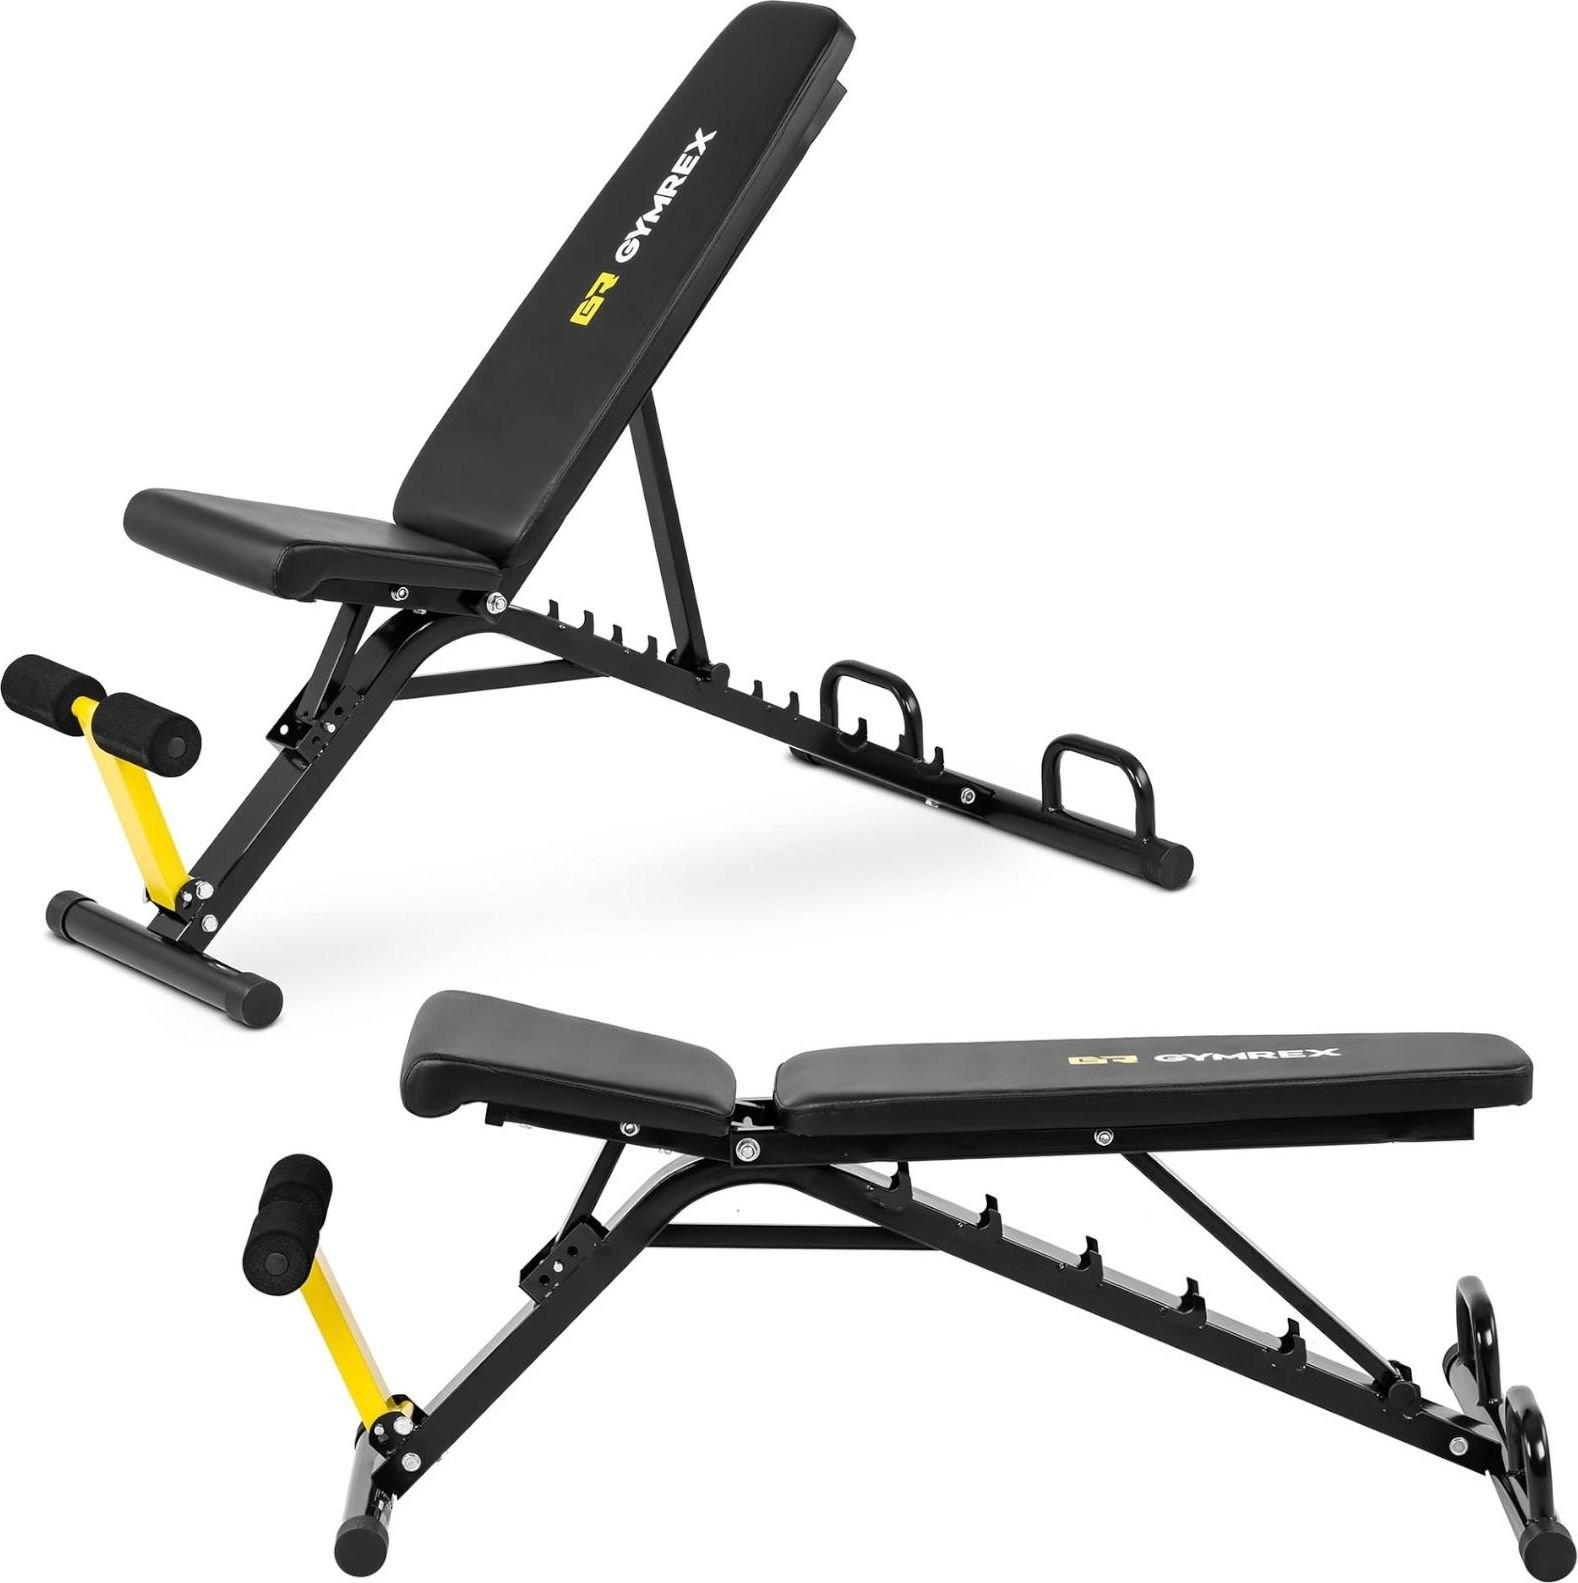 Gymrex Gymrex Ławka treningowa pod sztangę do ćwiczenia klatki piersiowej do 200 kg Ławka treningowa pod sztangę do ćwiczenia klatki piersiowej do 200 kg